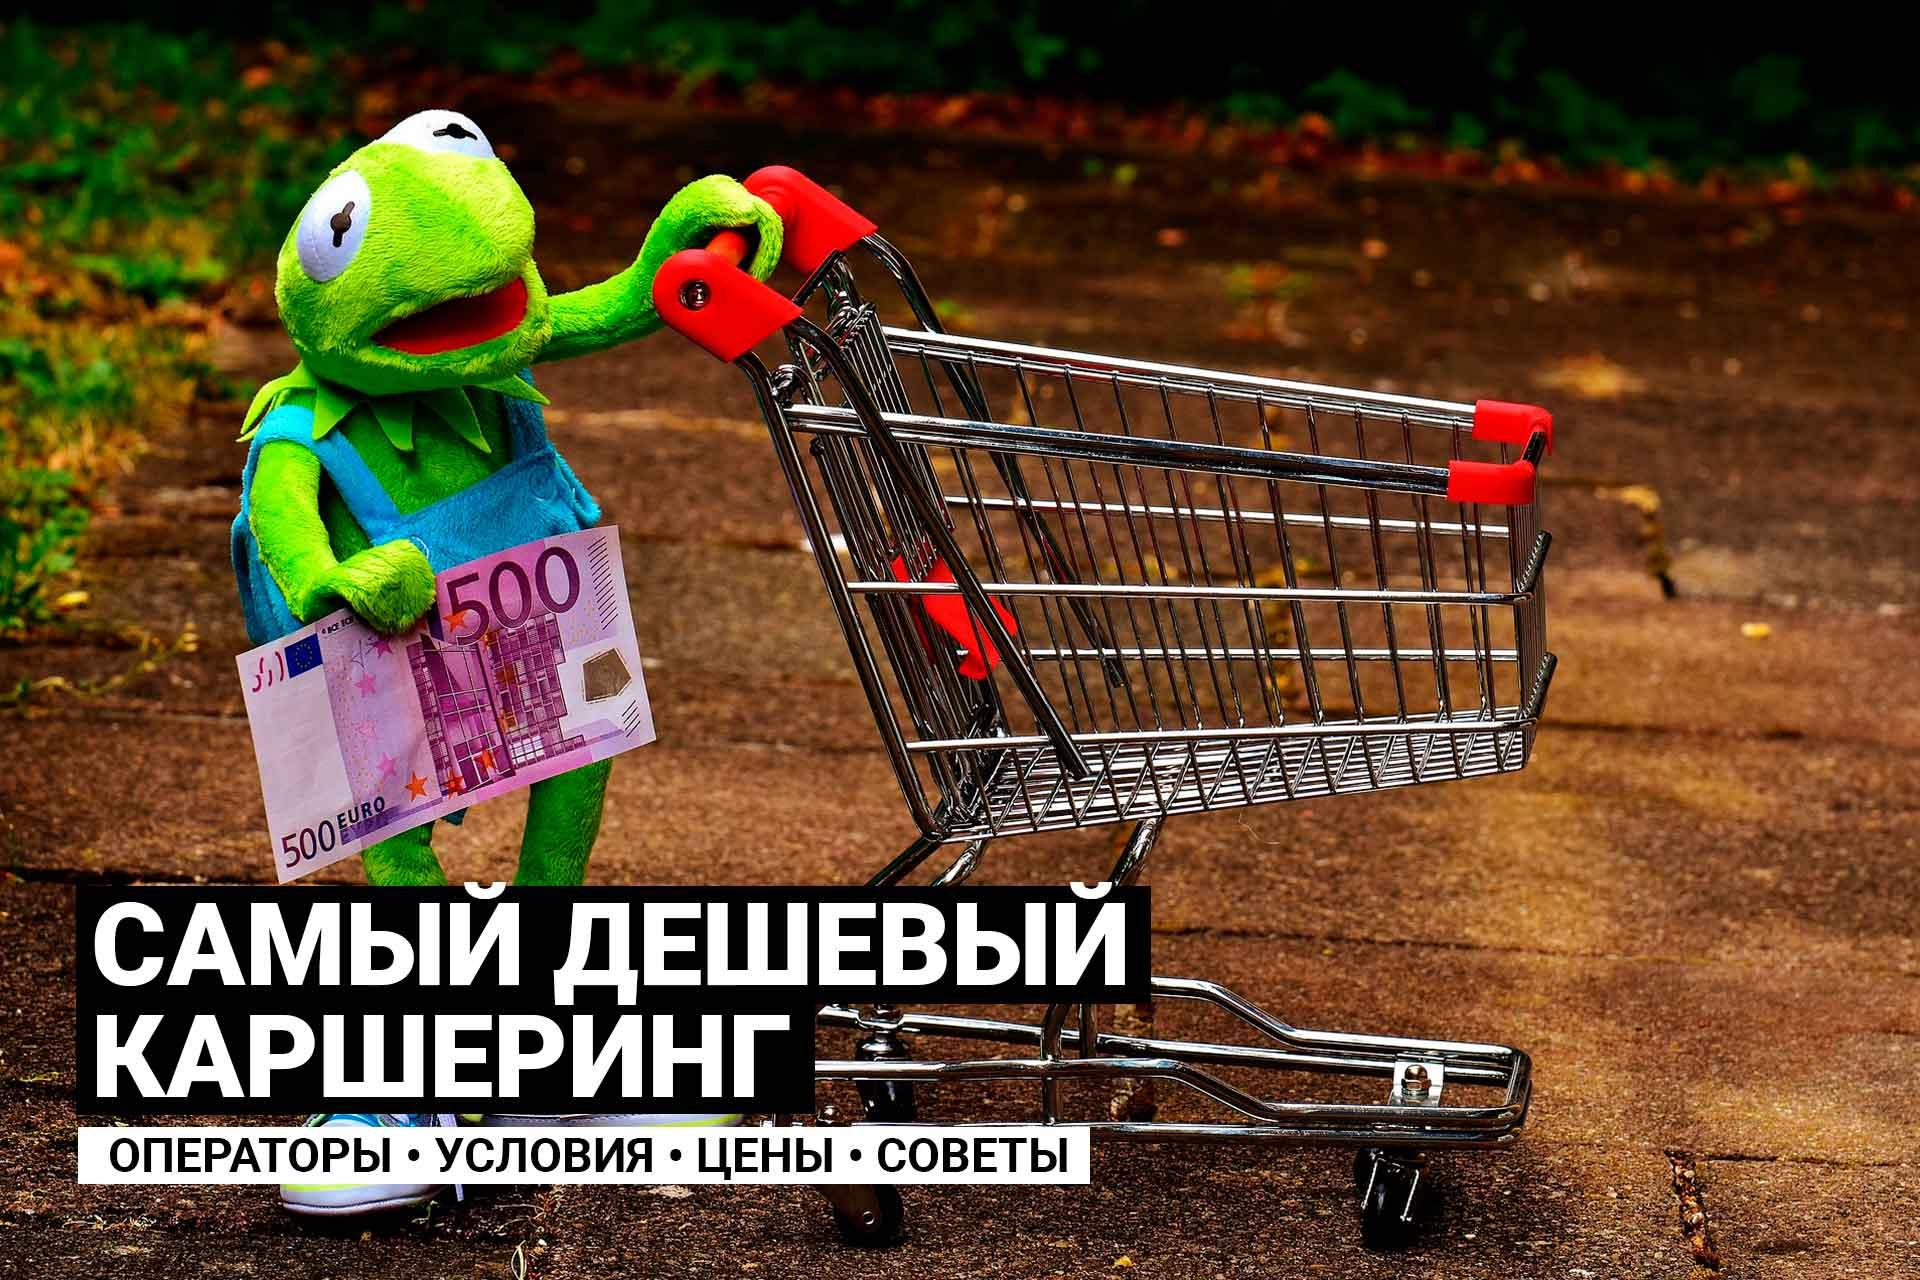 Самый дешевый каршеринг в Москве